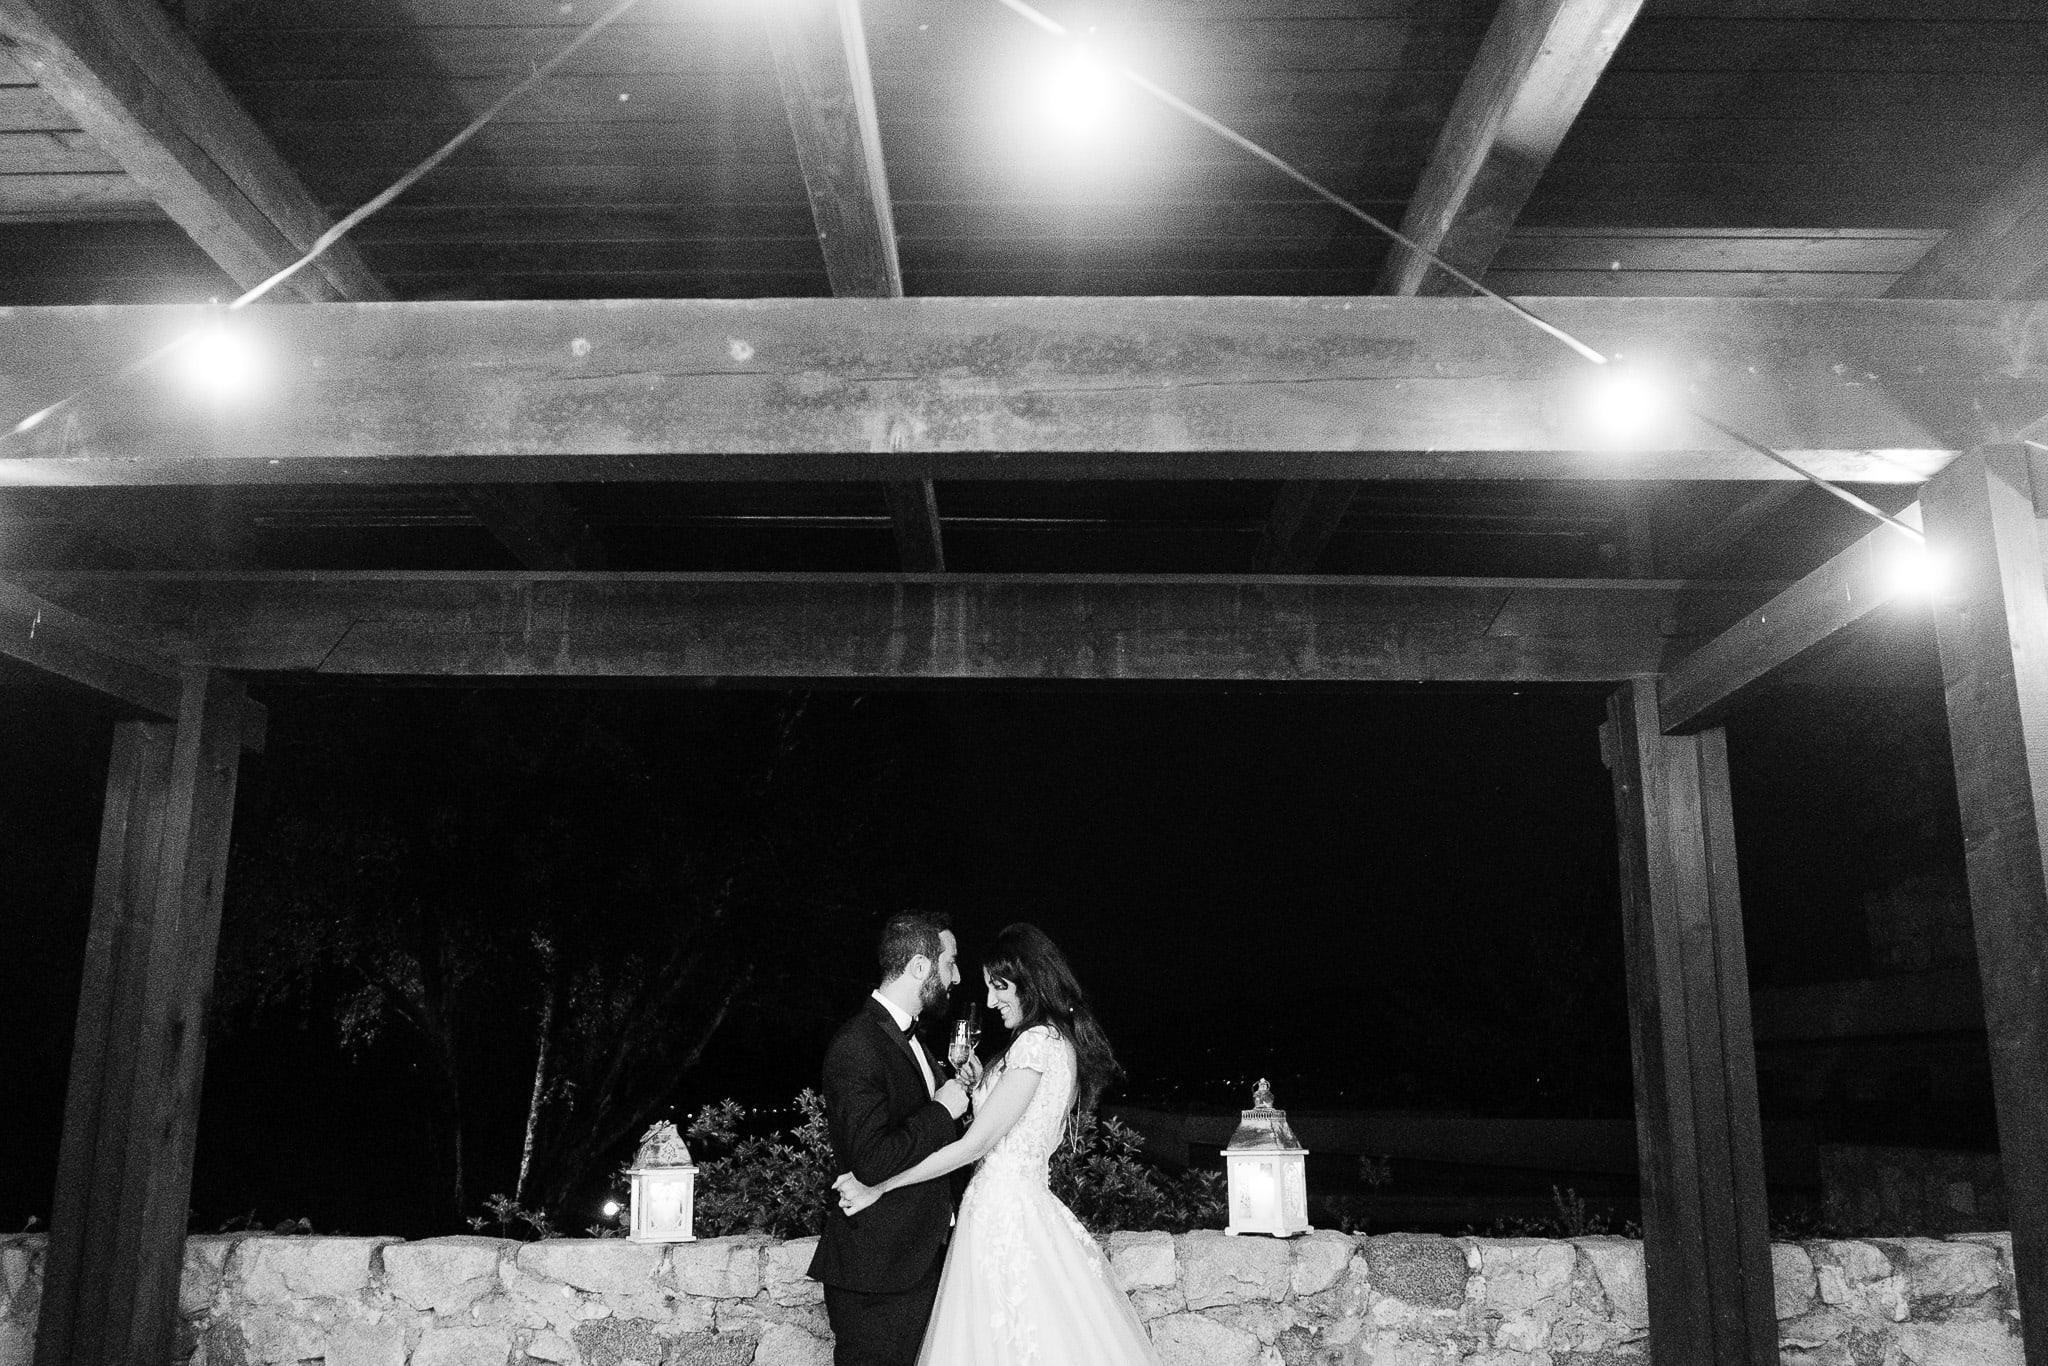 Matrimonio Lecco chiesa promessi sposi 85